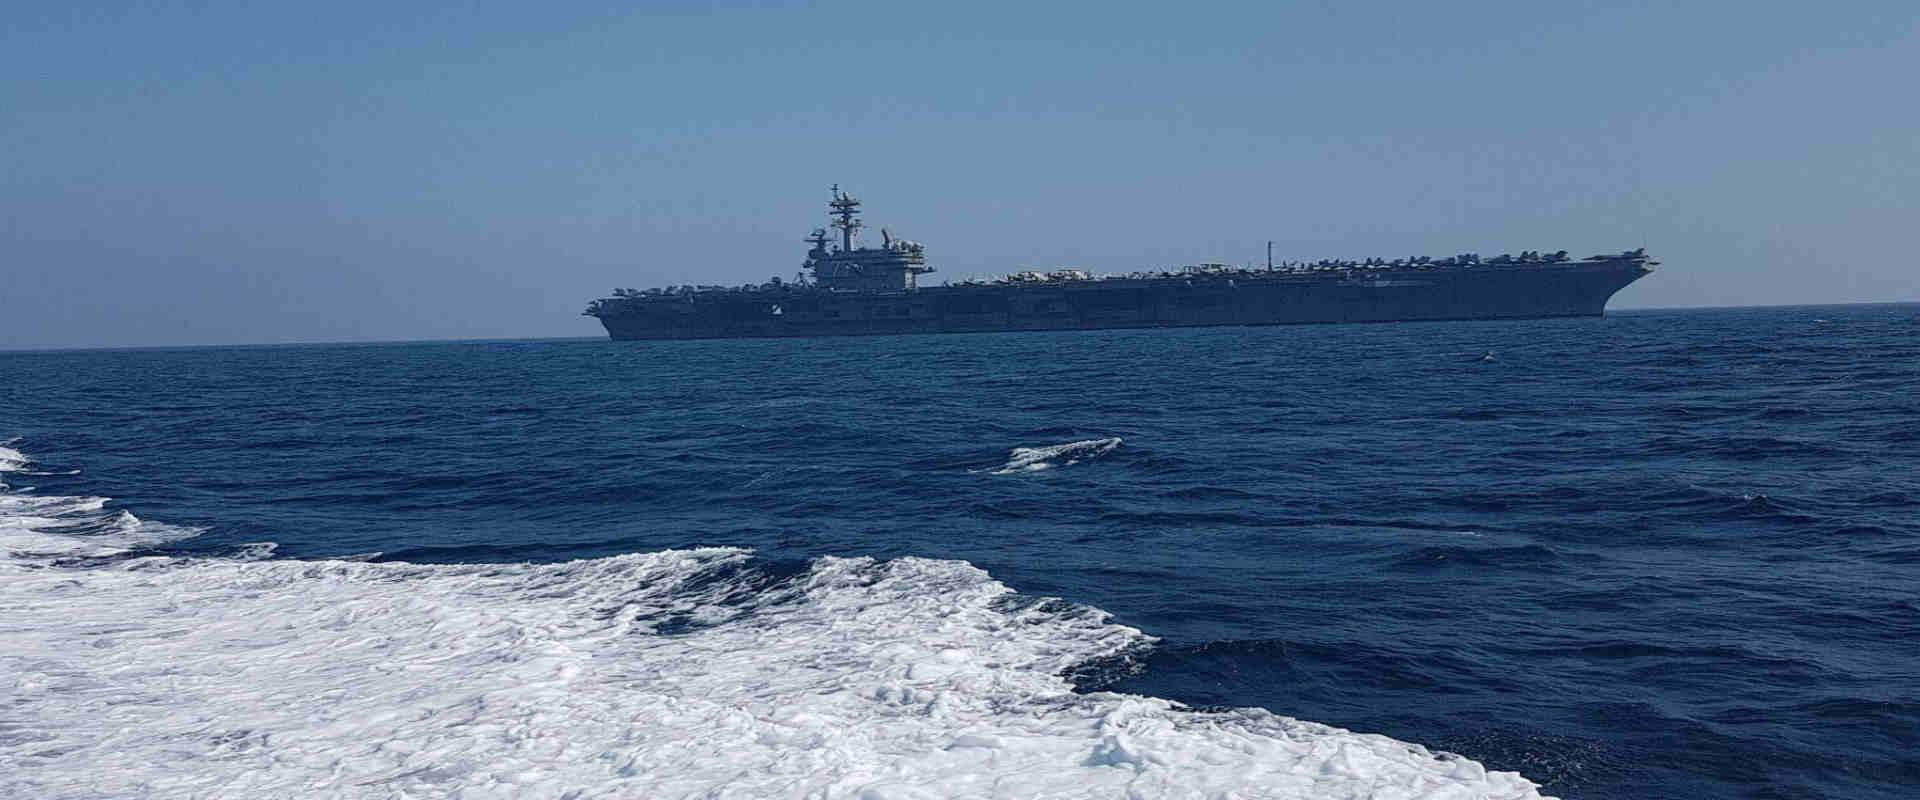 """נושאת המטוסים במרחק של כ-4 ק""""מ מהחוף"""